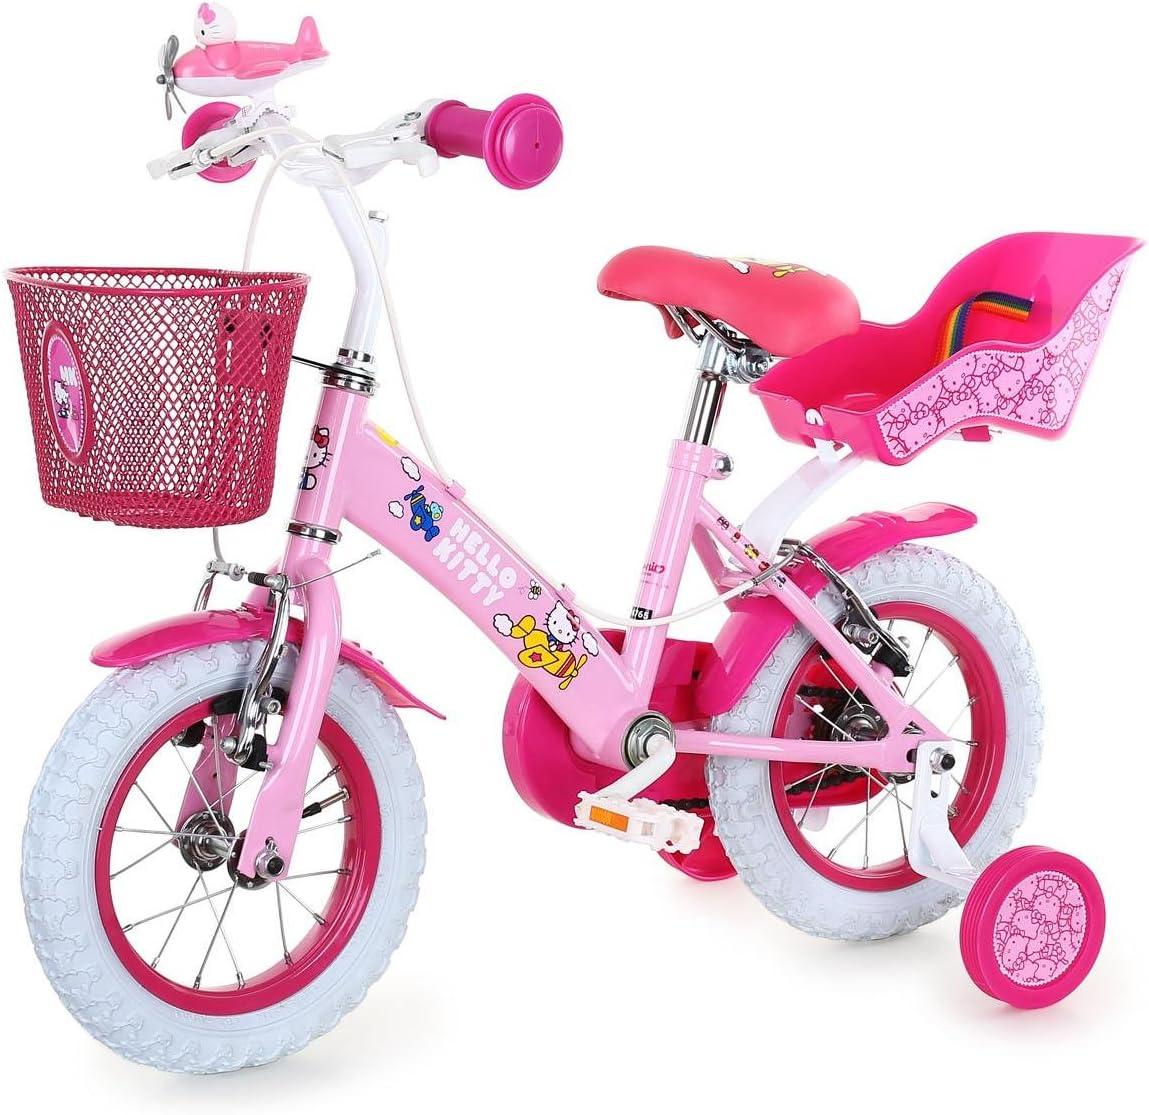 HELLO KITTY Bicicleta Airplane 12 Rosa: Amazon.es: Deportes y aire ...